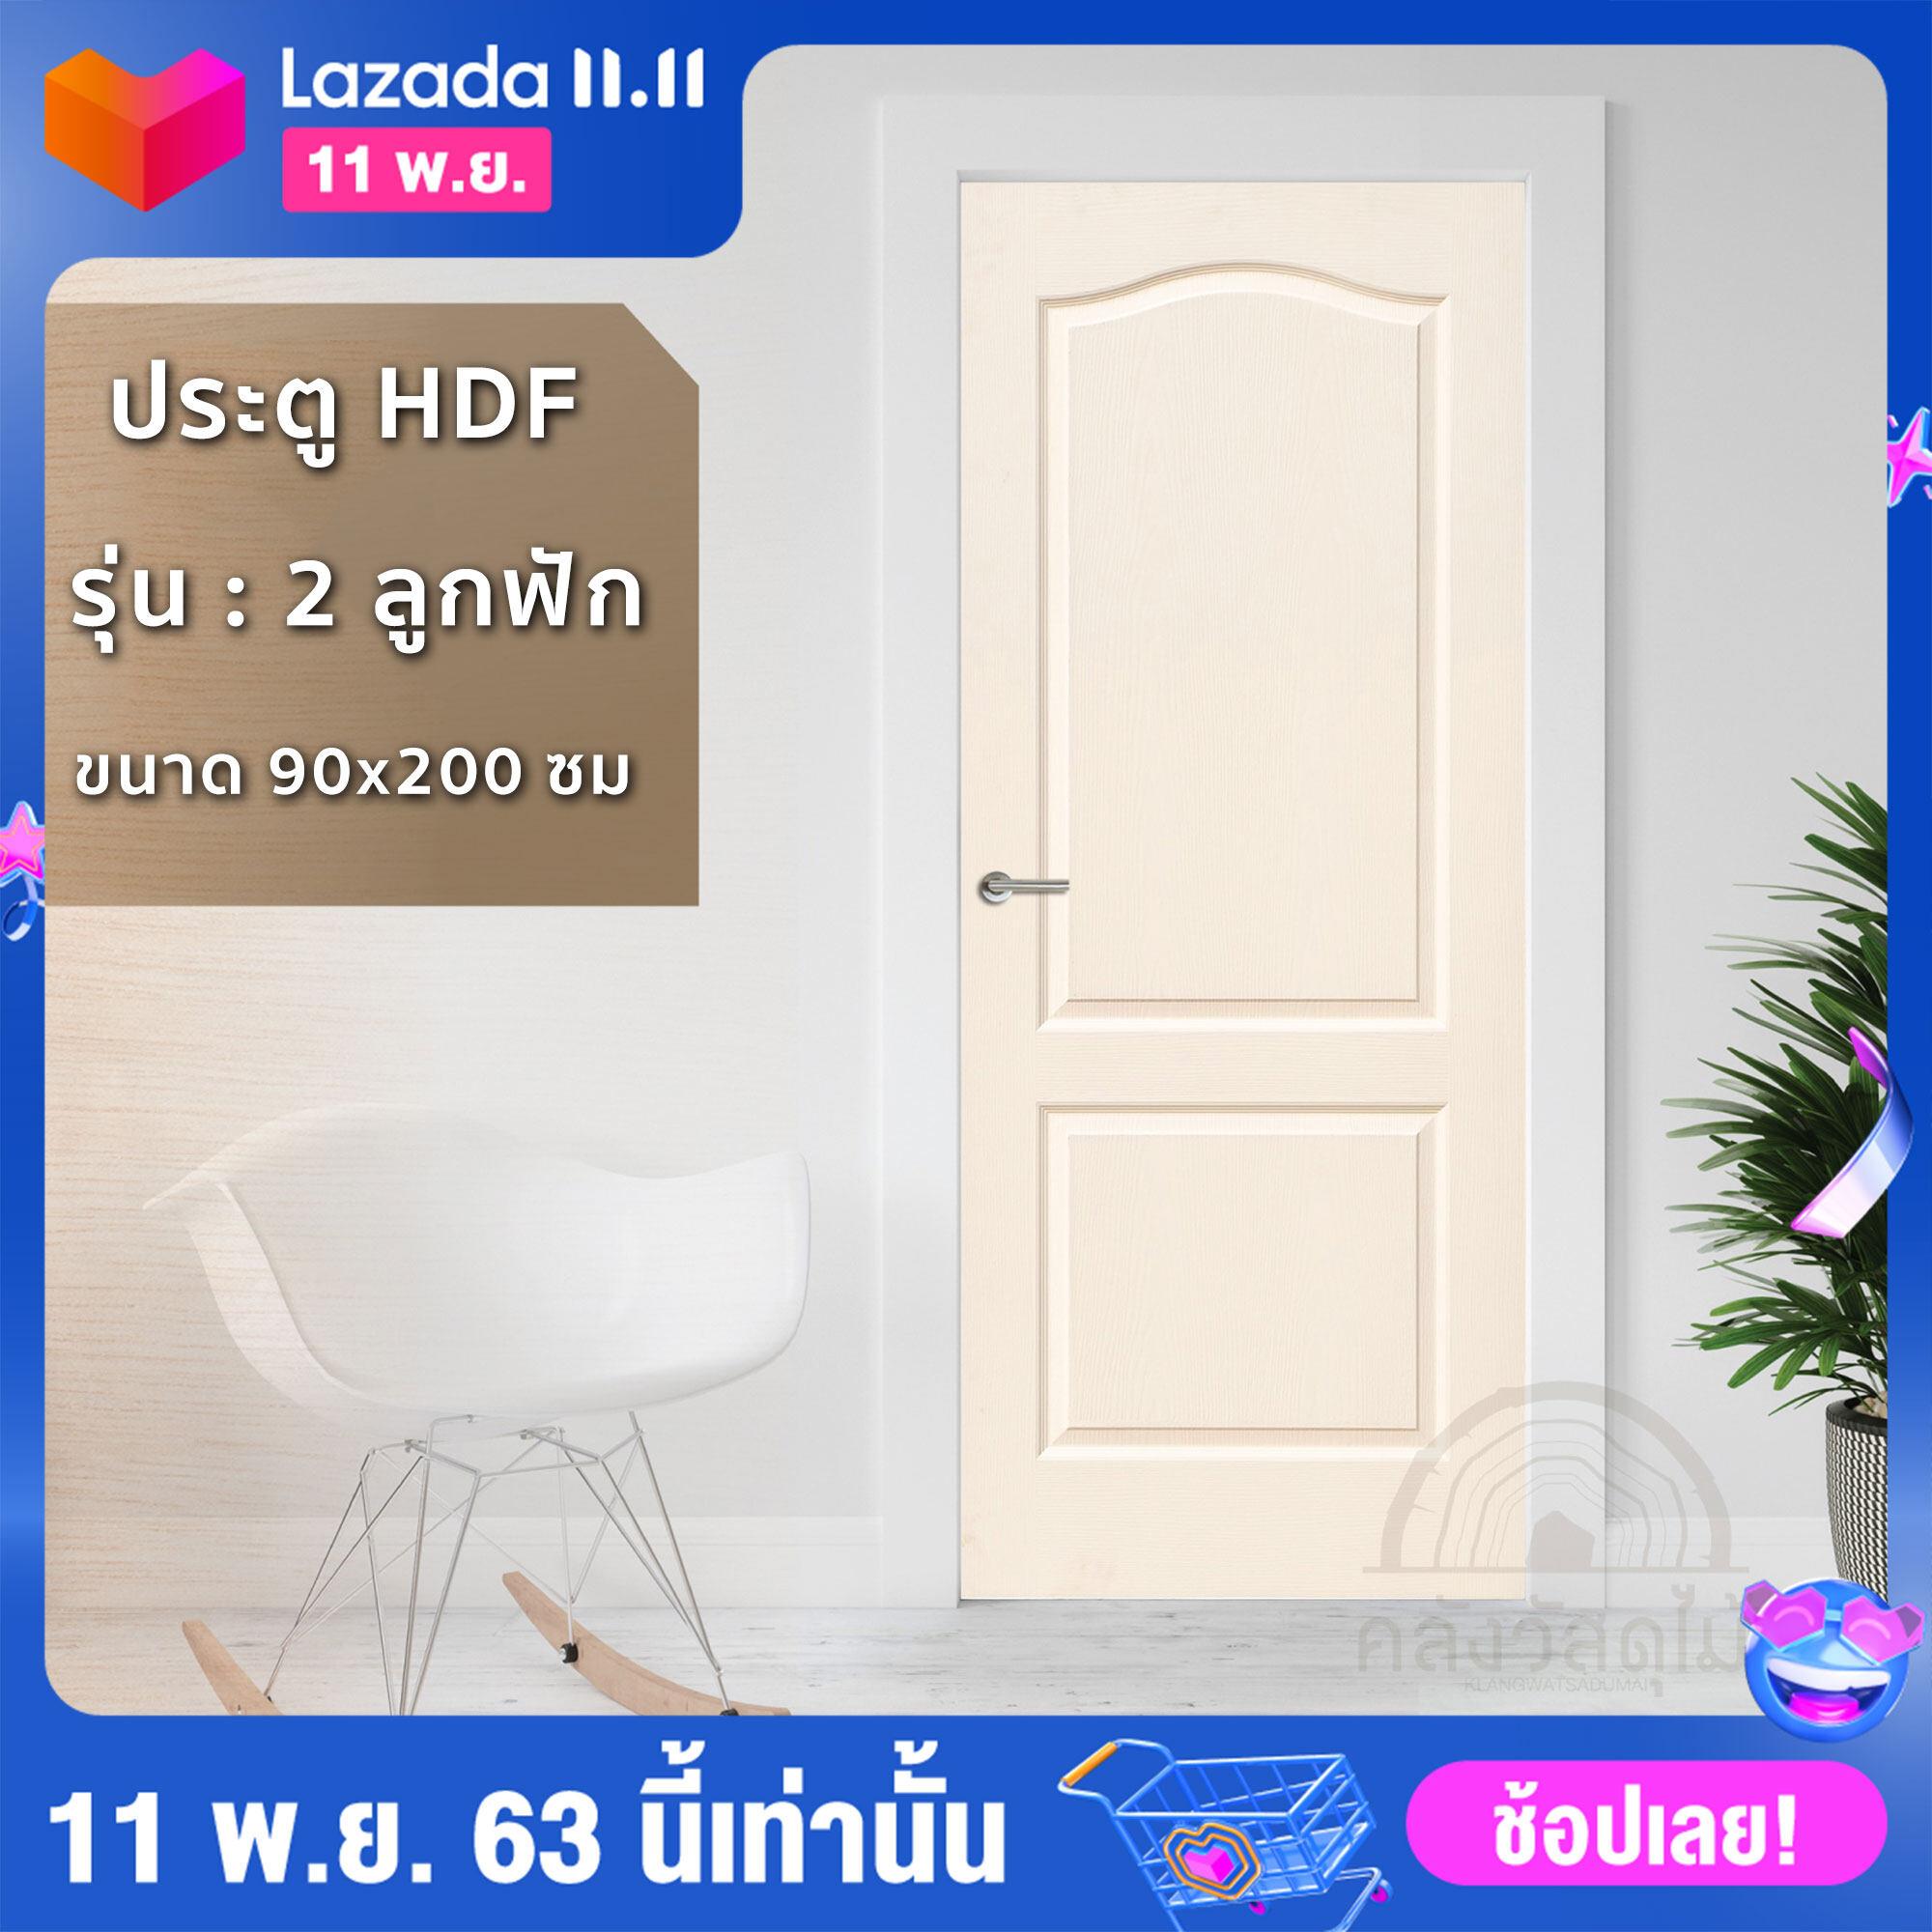 WOOD OUTLET (คลังวัสดุไม้)ส่งฟรี ประตู HDF รุ่น 2 ลูกฟัก ขนาด 90x200 cm. จัดโปรพิเศษ จาก 1,099 เหลือ 999 บาทเท่านั้น!!(ประตู ประตูไม้ ประตูบ้านไม้ ประตู